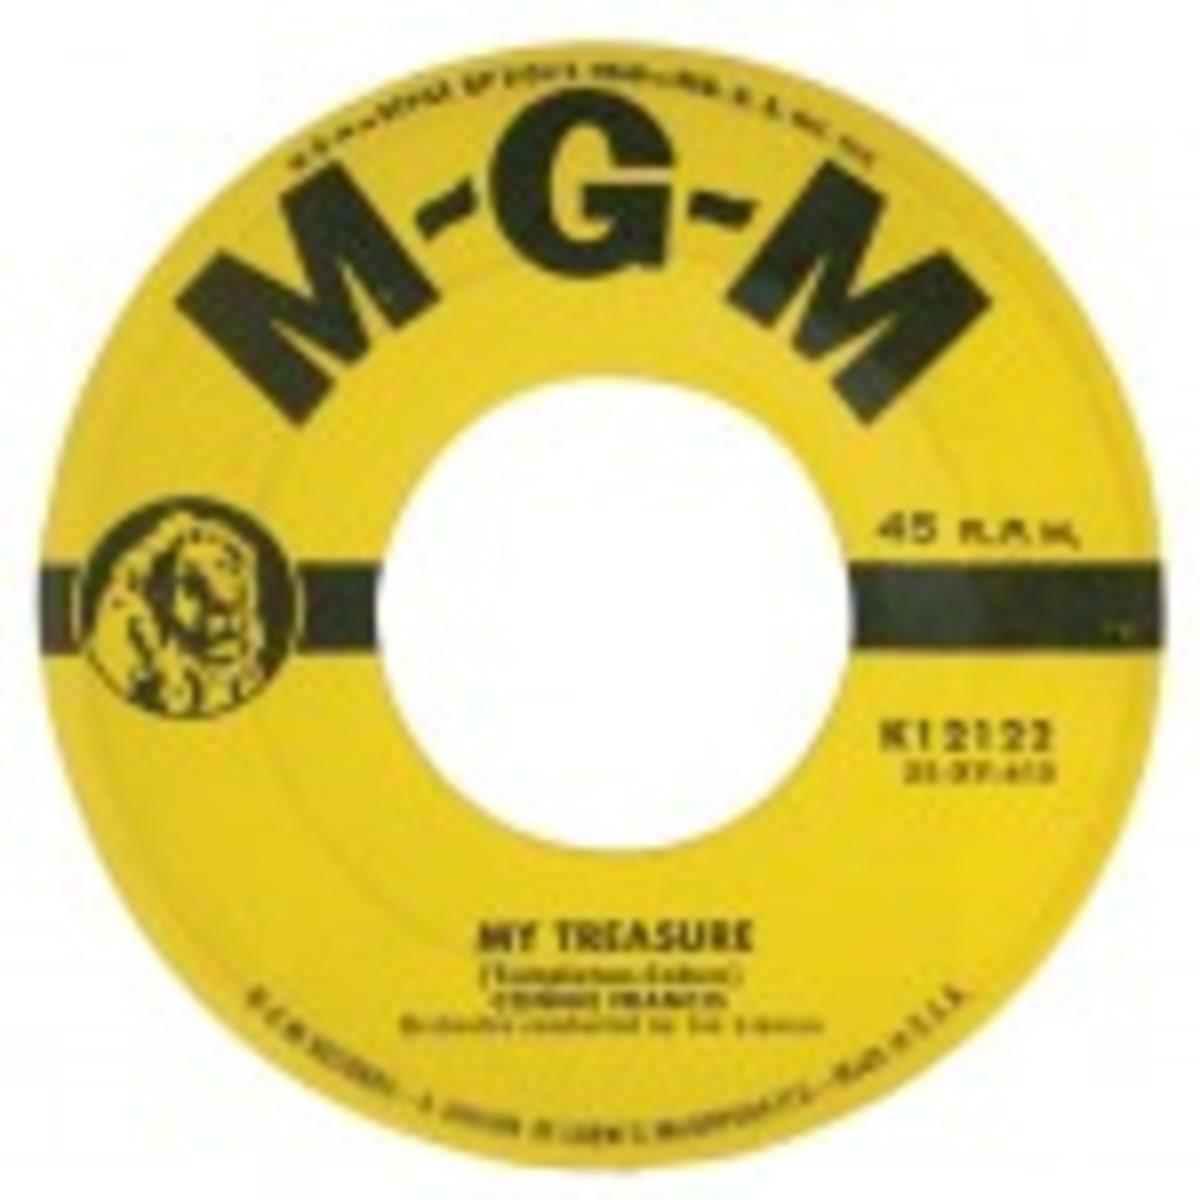 Connie Francis My Treasure